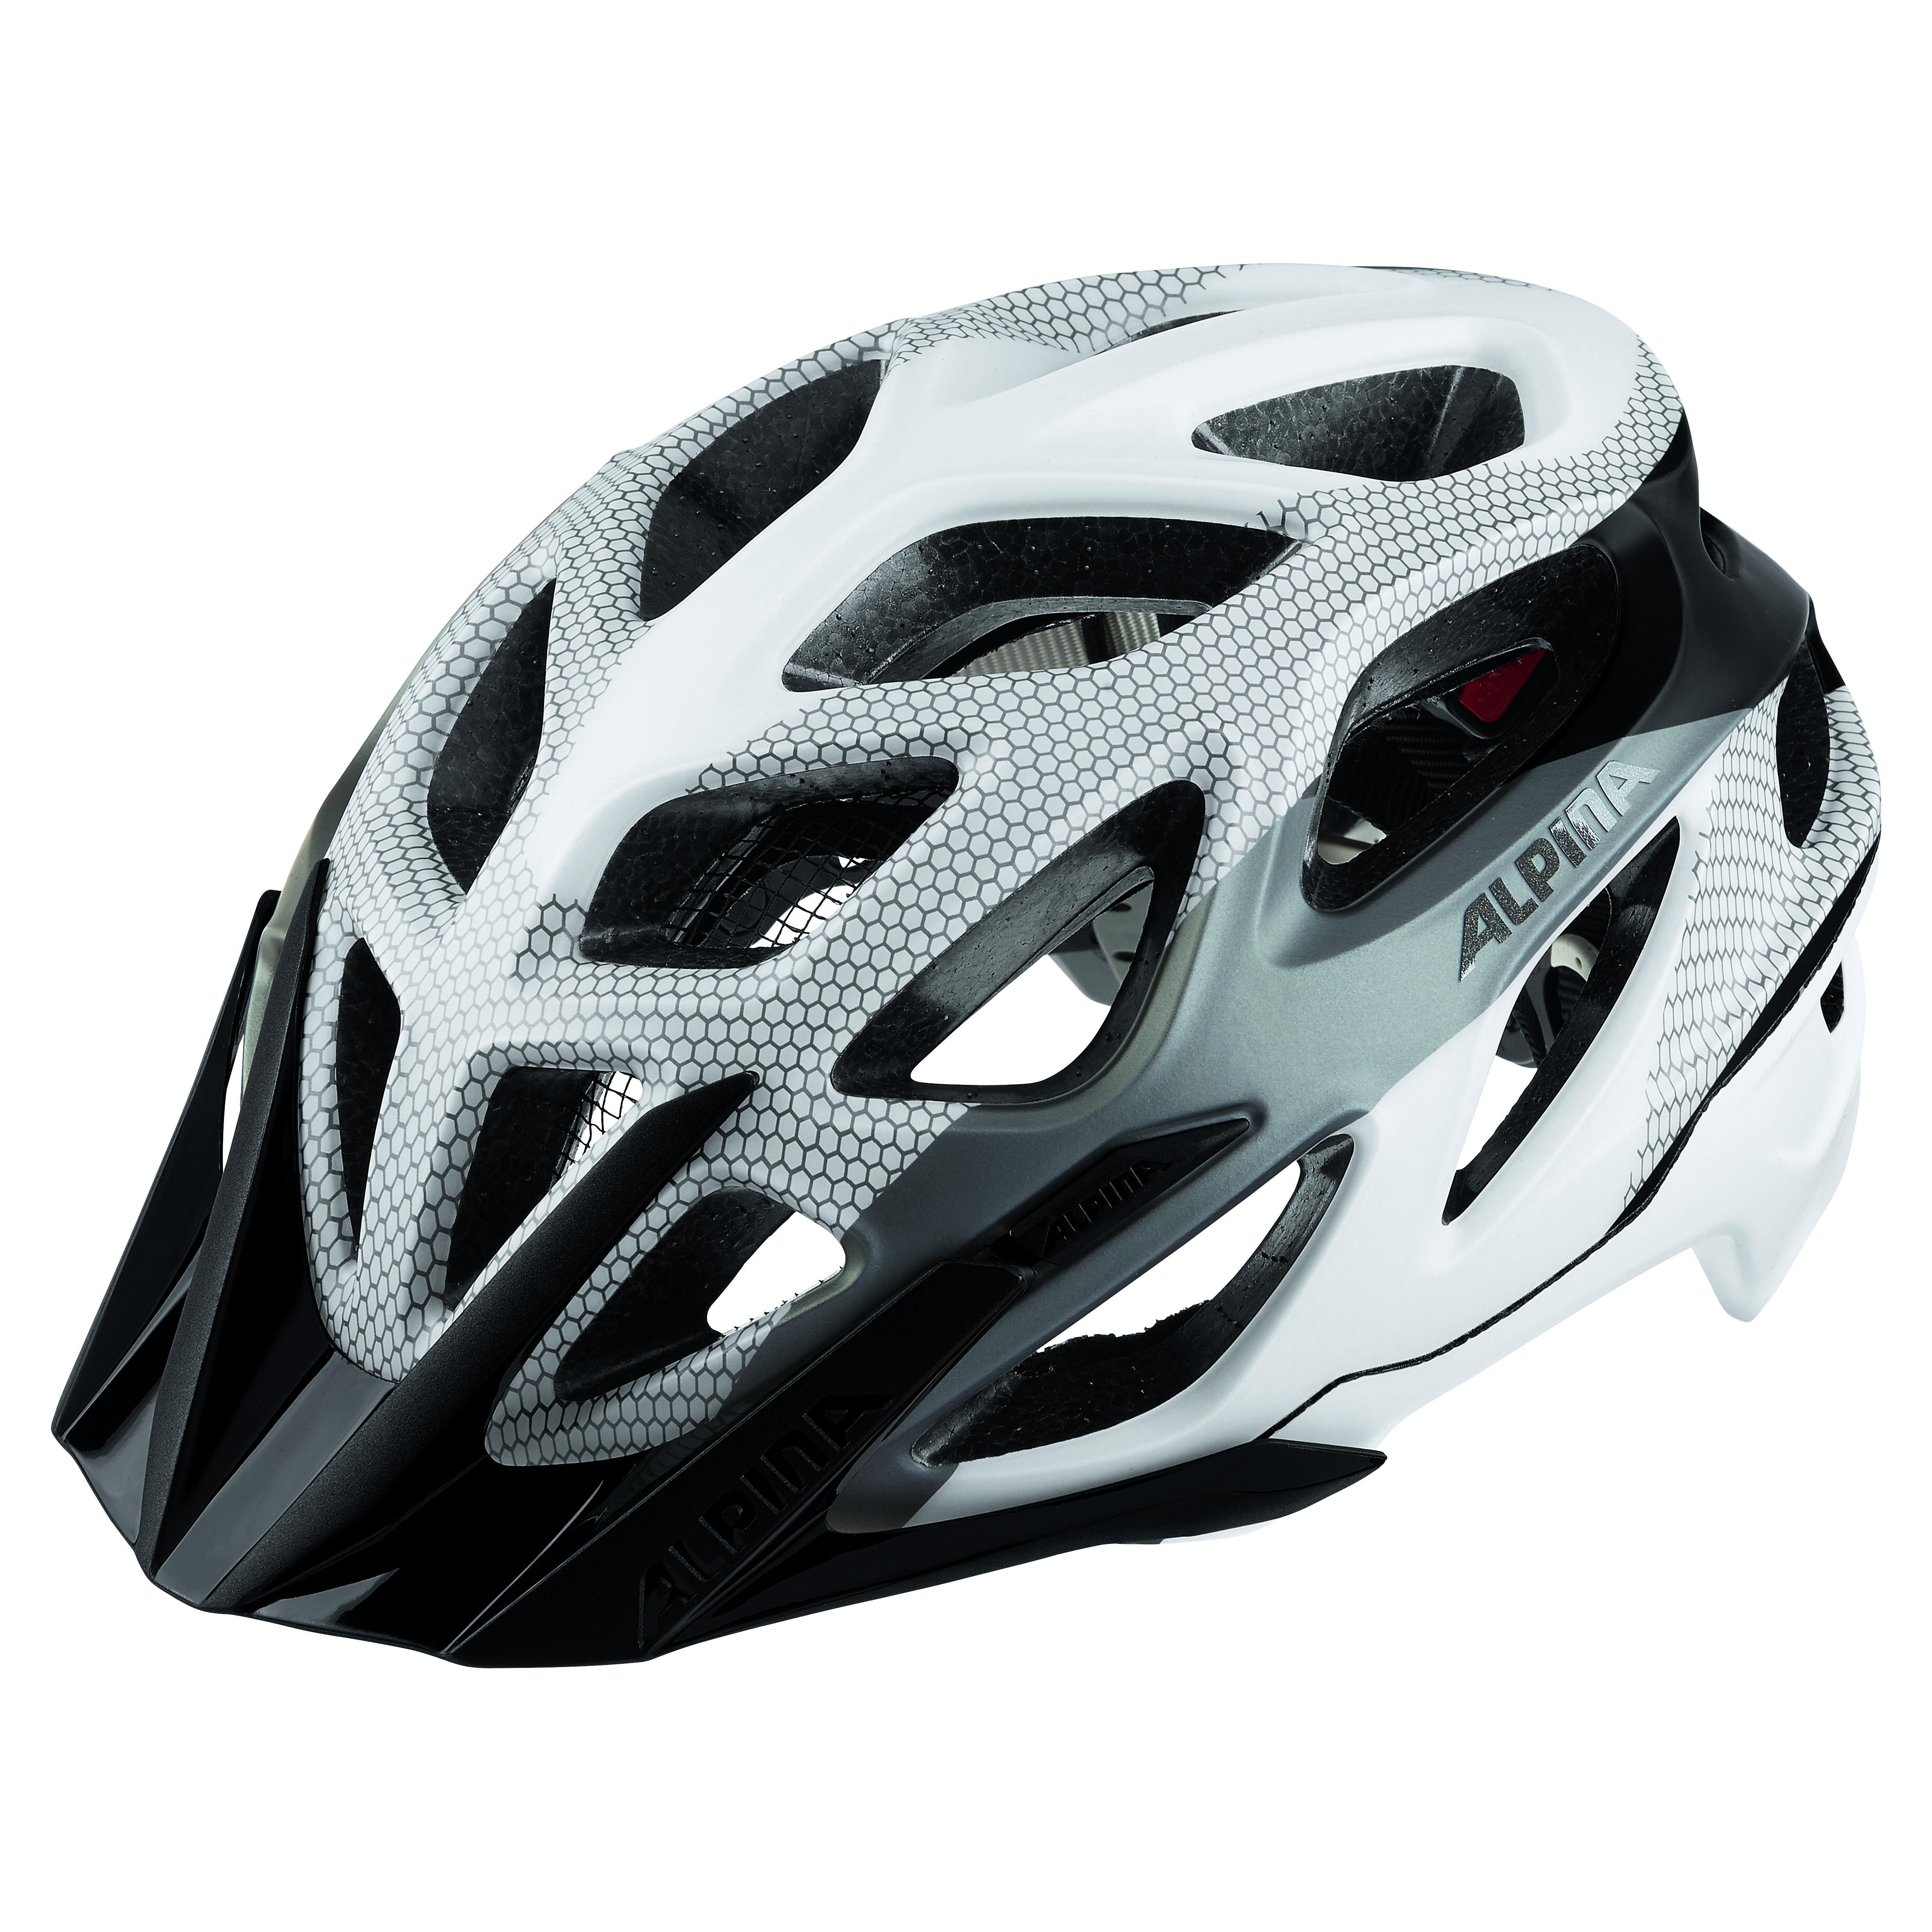 Купить Велошлем Alpina 2018 Mythos 3.0 LE black-white, Шлемы велосипедные, 1323554